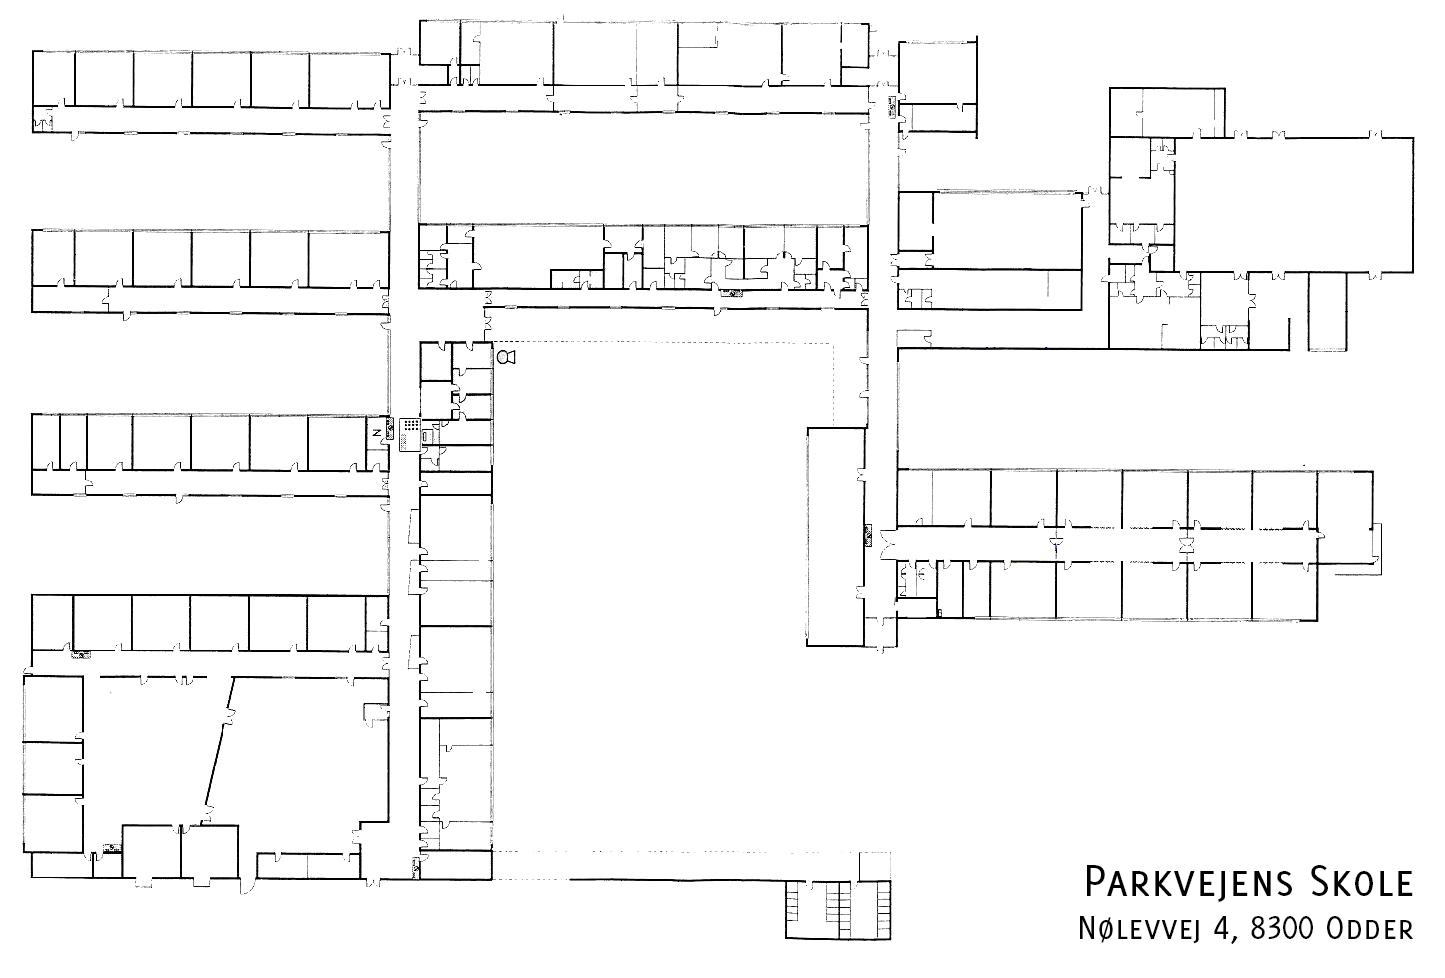 parkvejens-skole